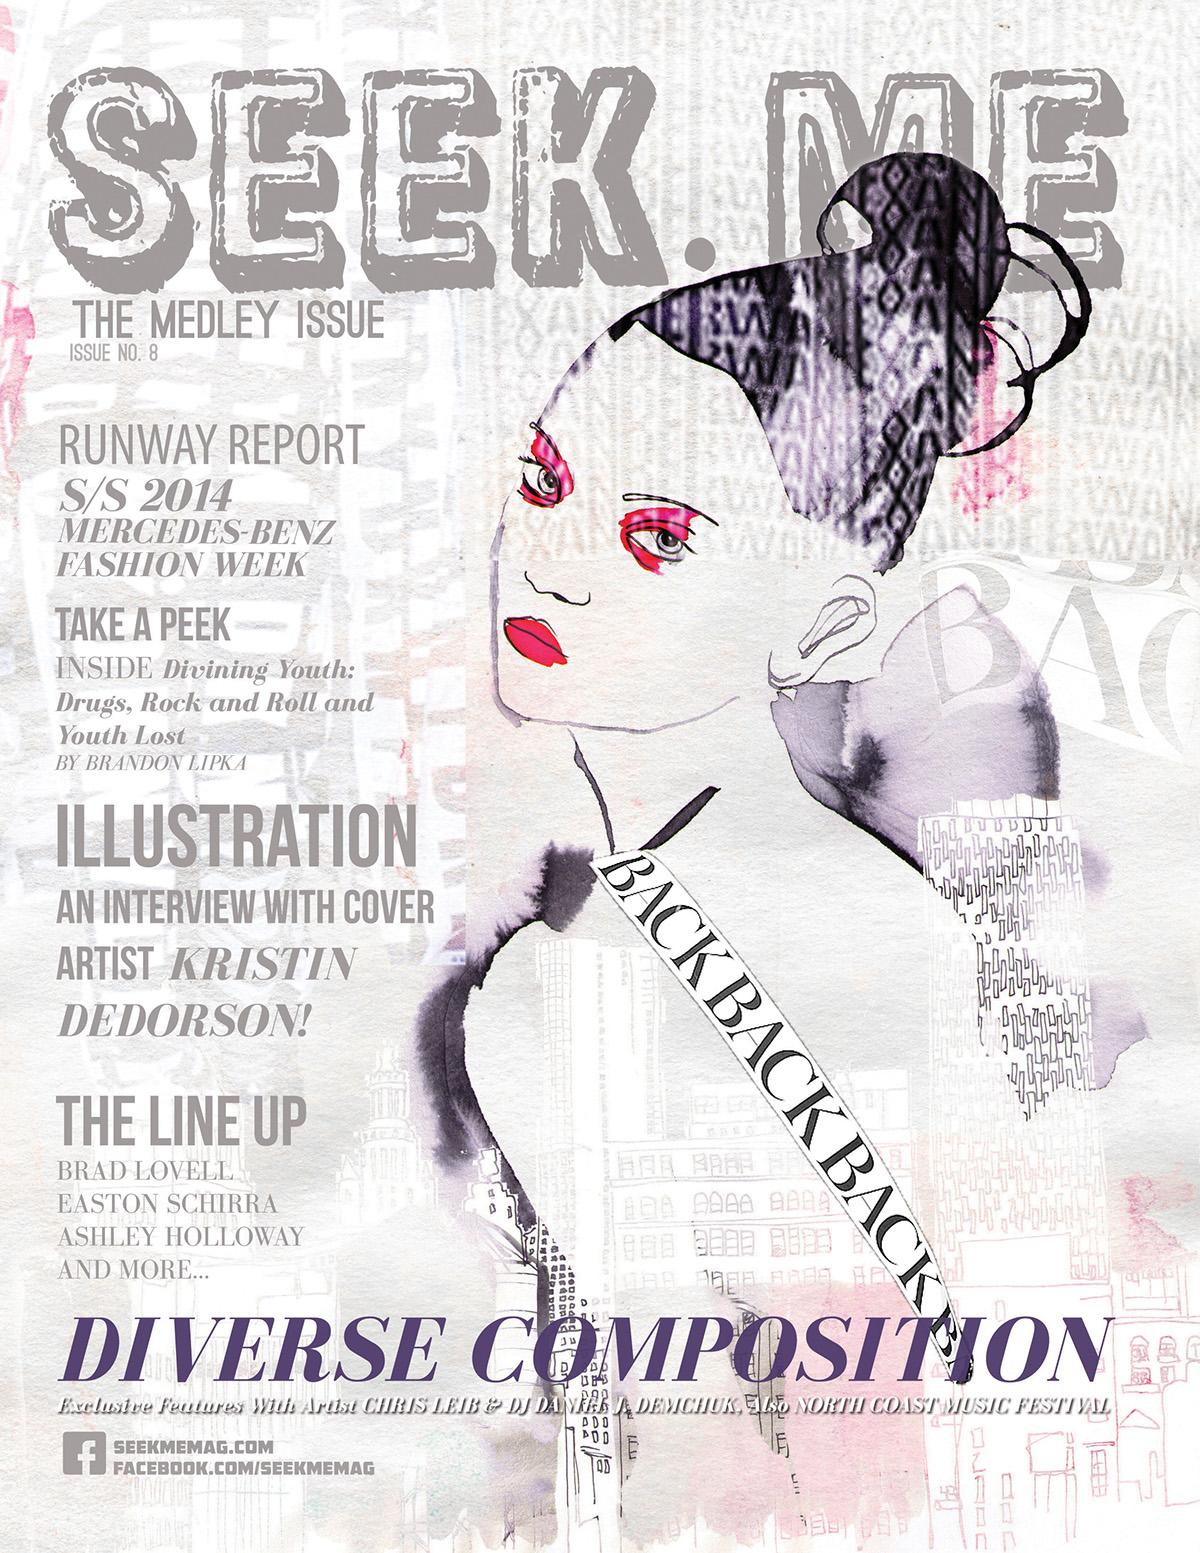 fashion illustration,Drawing ,painting  ,ink,watercolor,editorial,runway,art prints,DKNY,Alexander wang